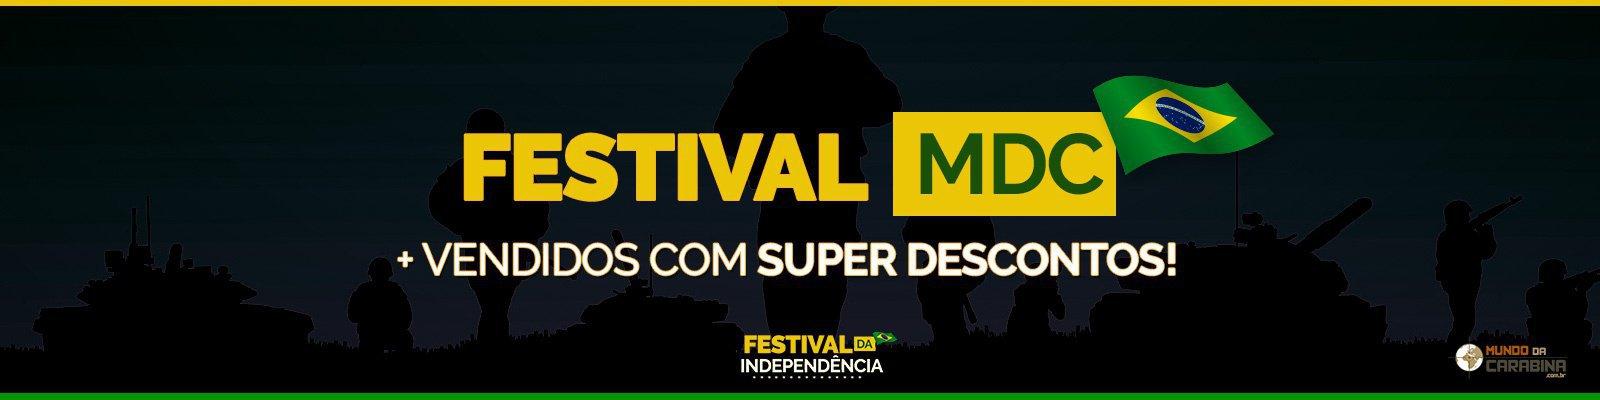 FESTIVAL MDC  + Vendidos com SUPER DESCONTOS!